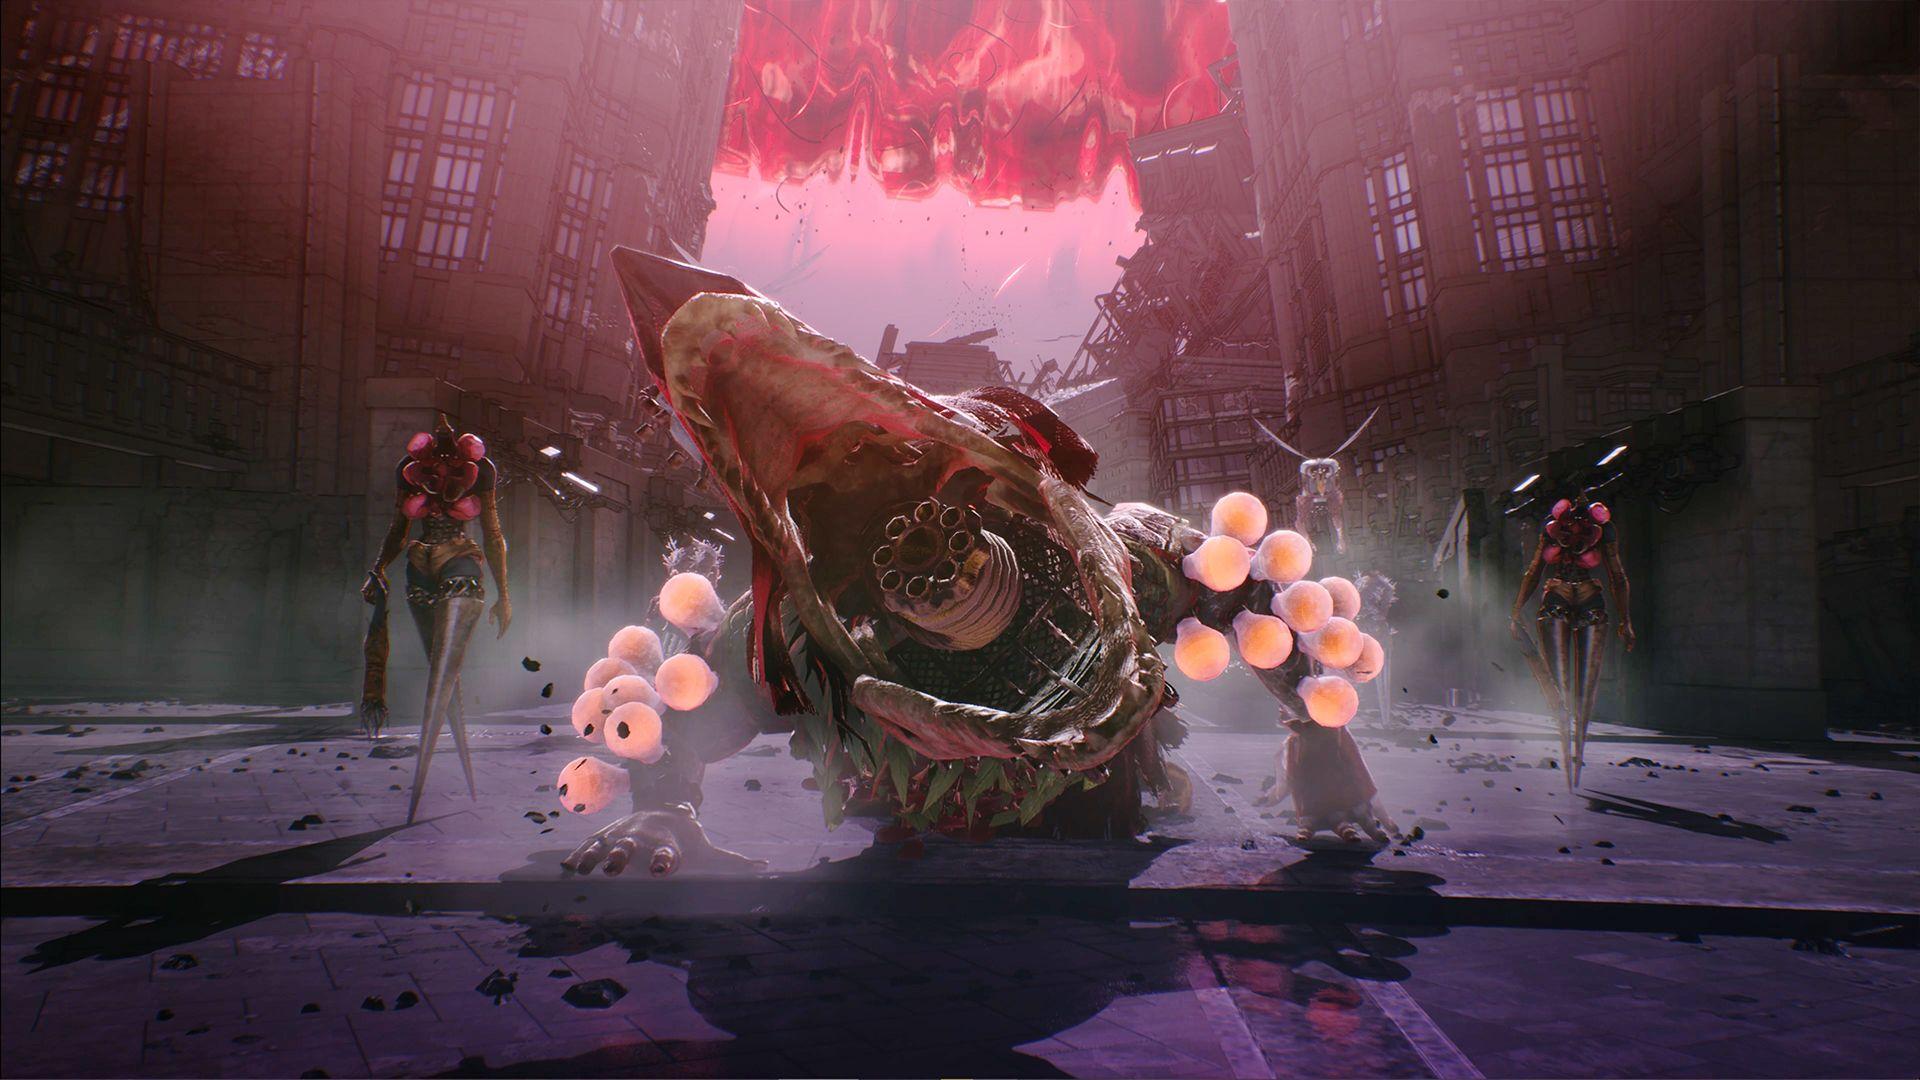 scarlet nexus game wallpaper 72380